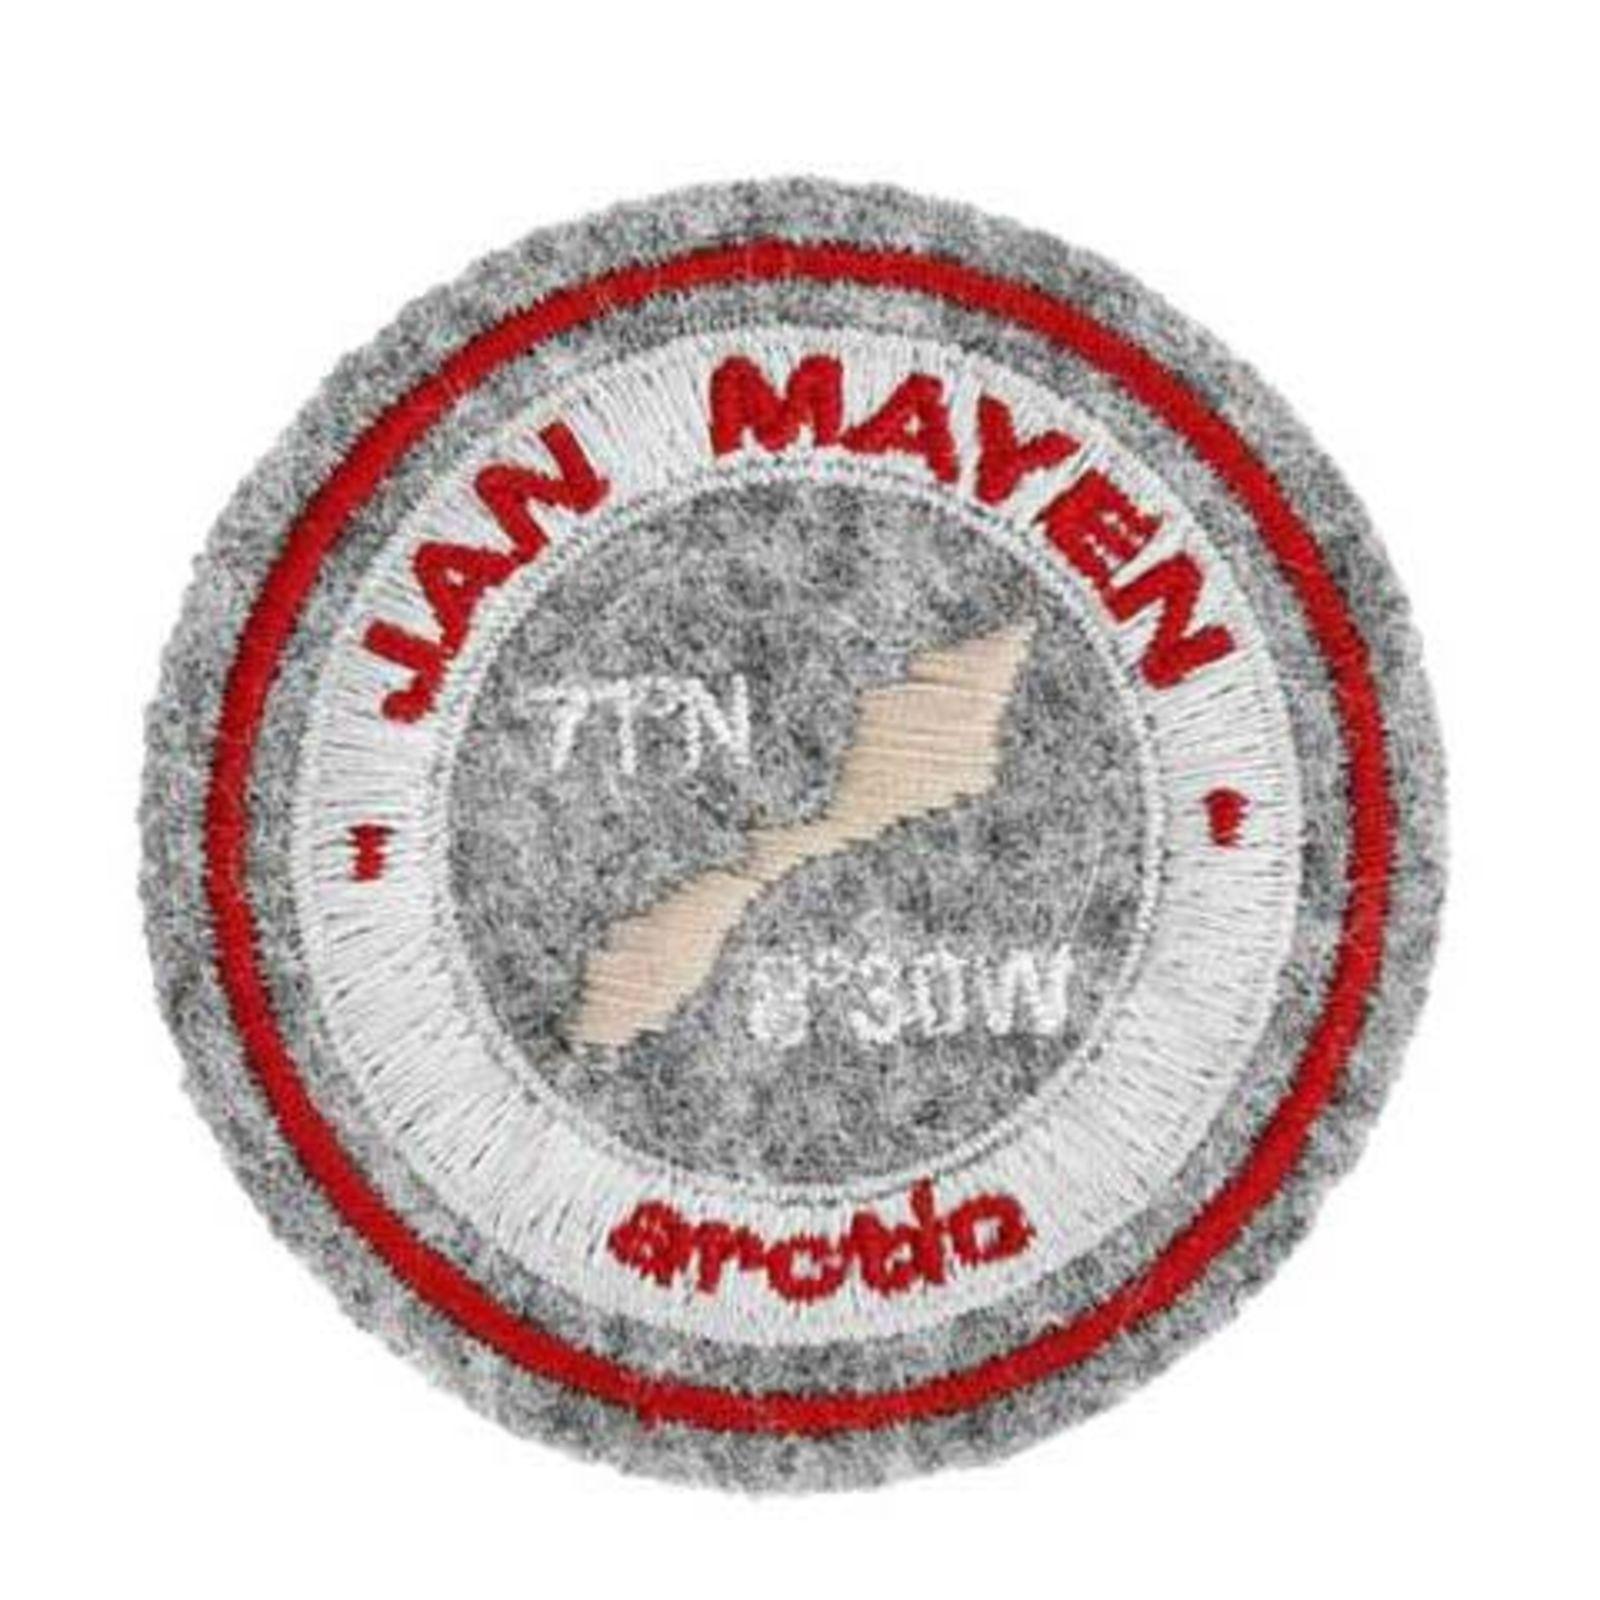 JAN MAYEN